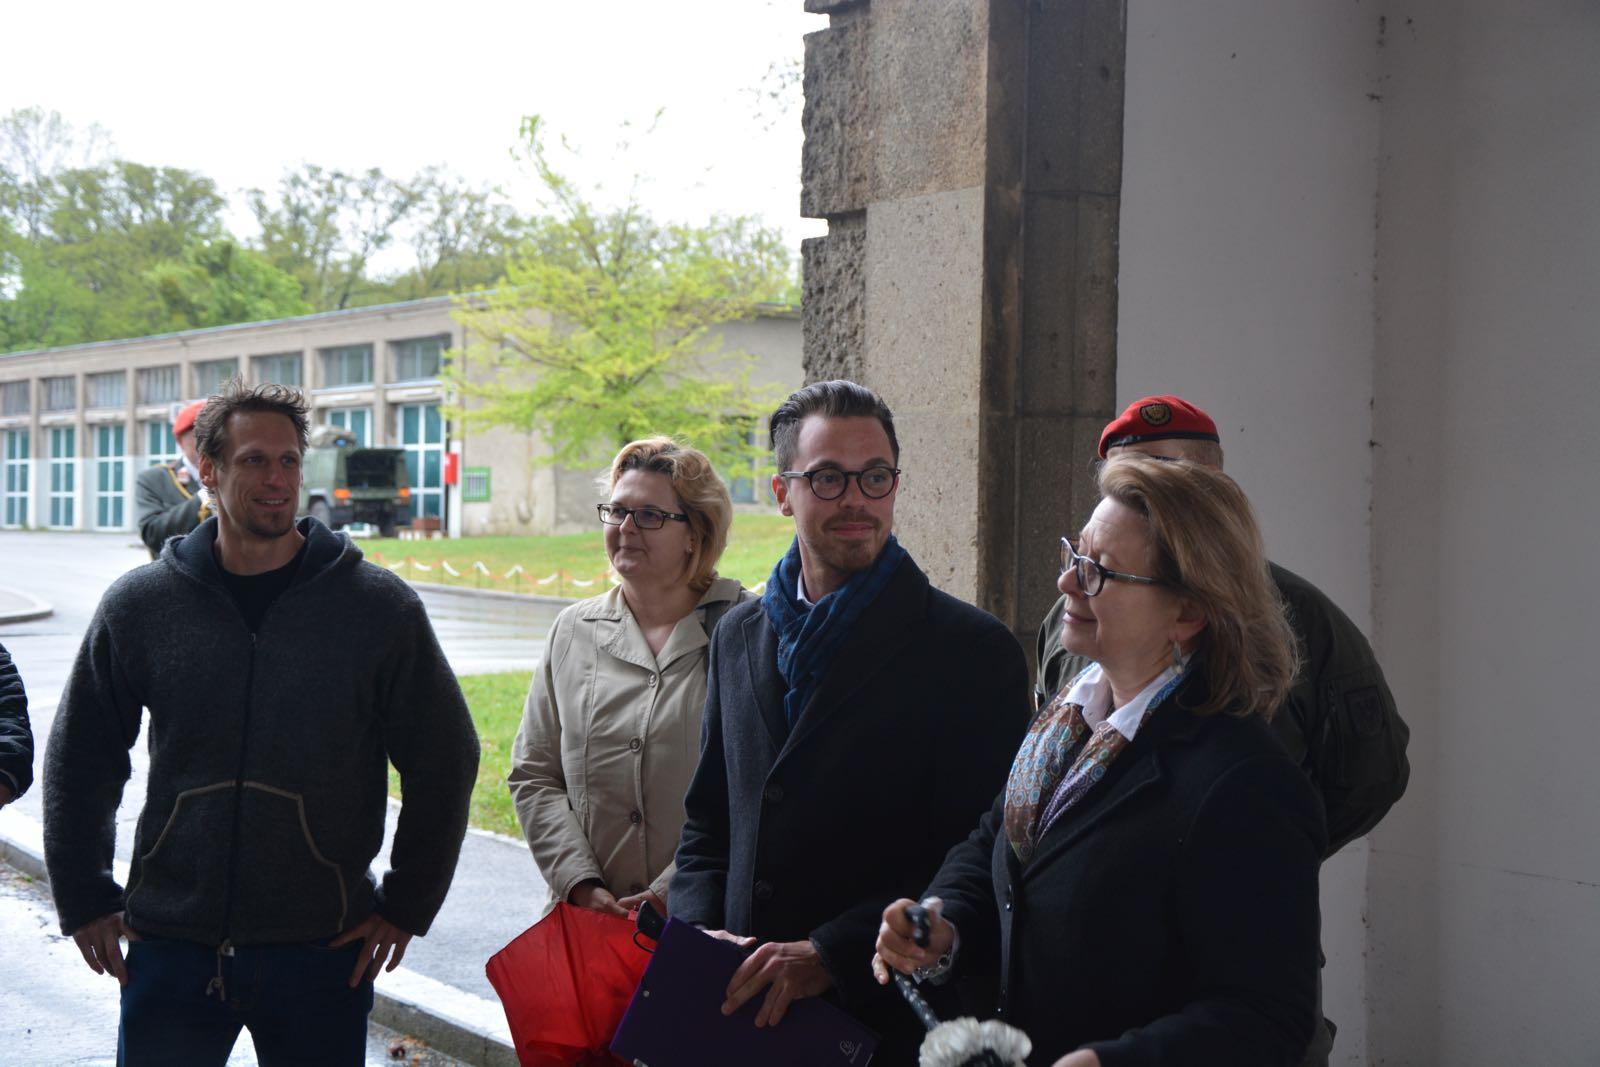 2019_04_30_Besuch_Staatsanwaltschaft - 13 of 25